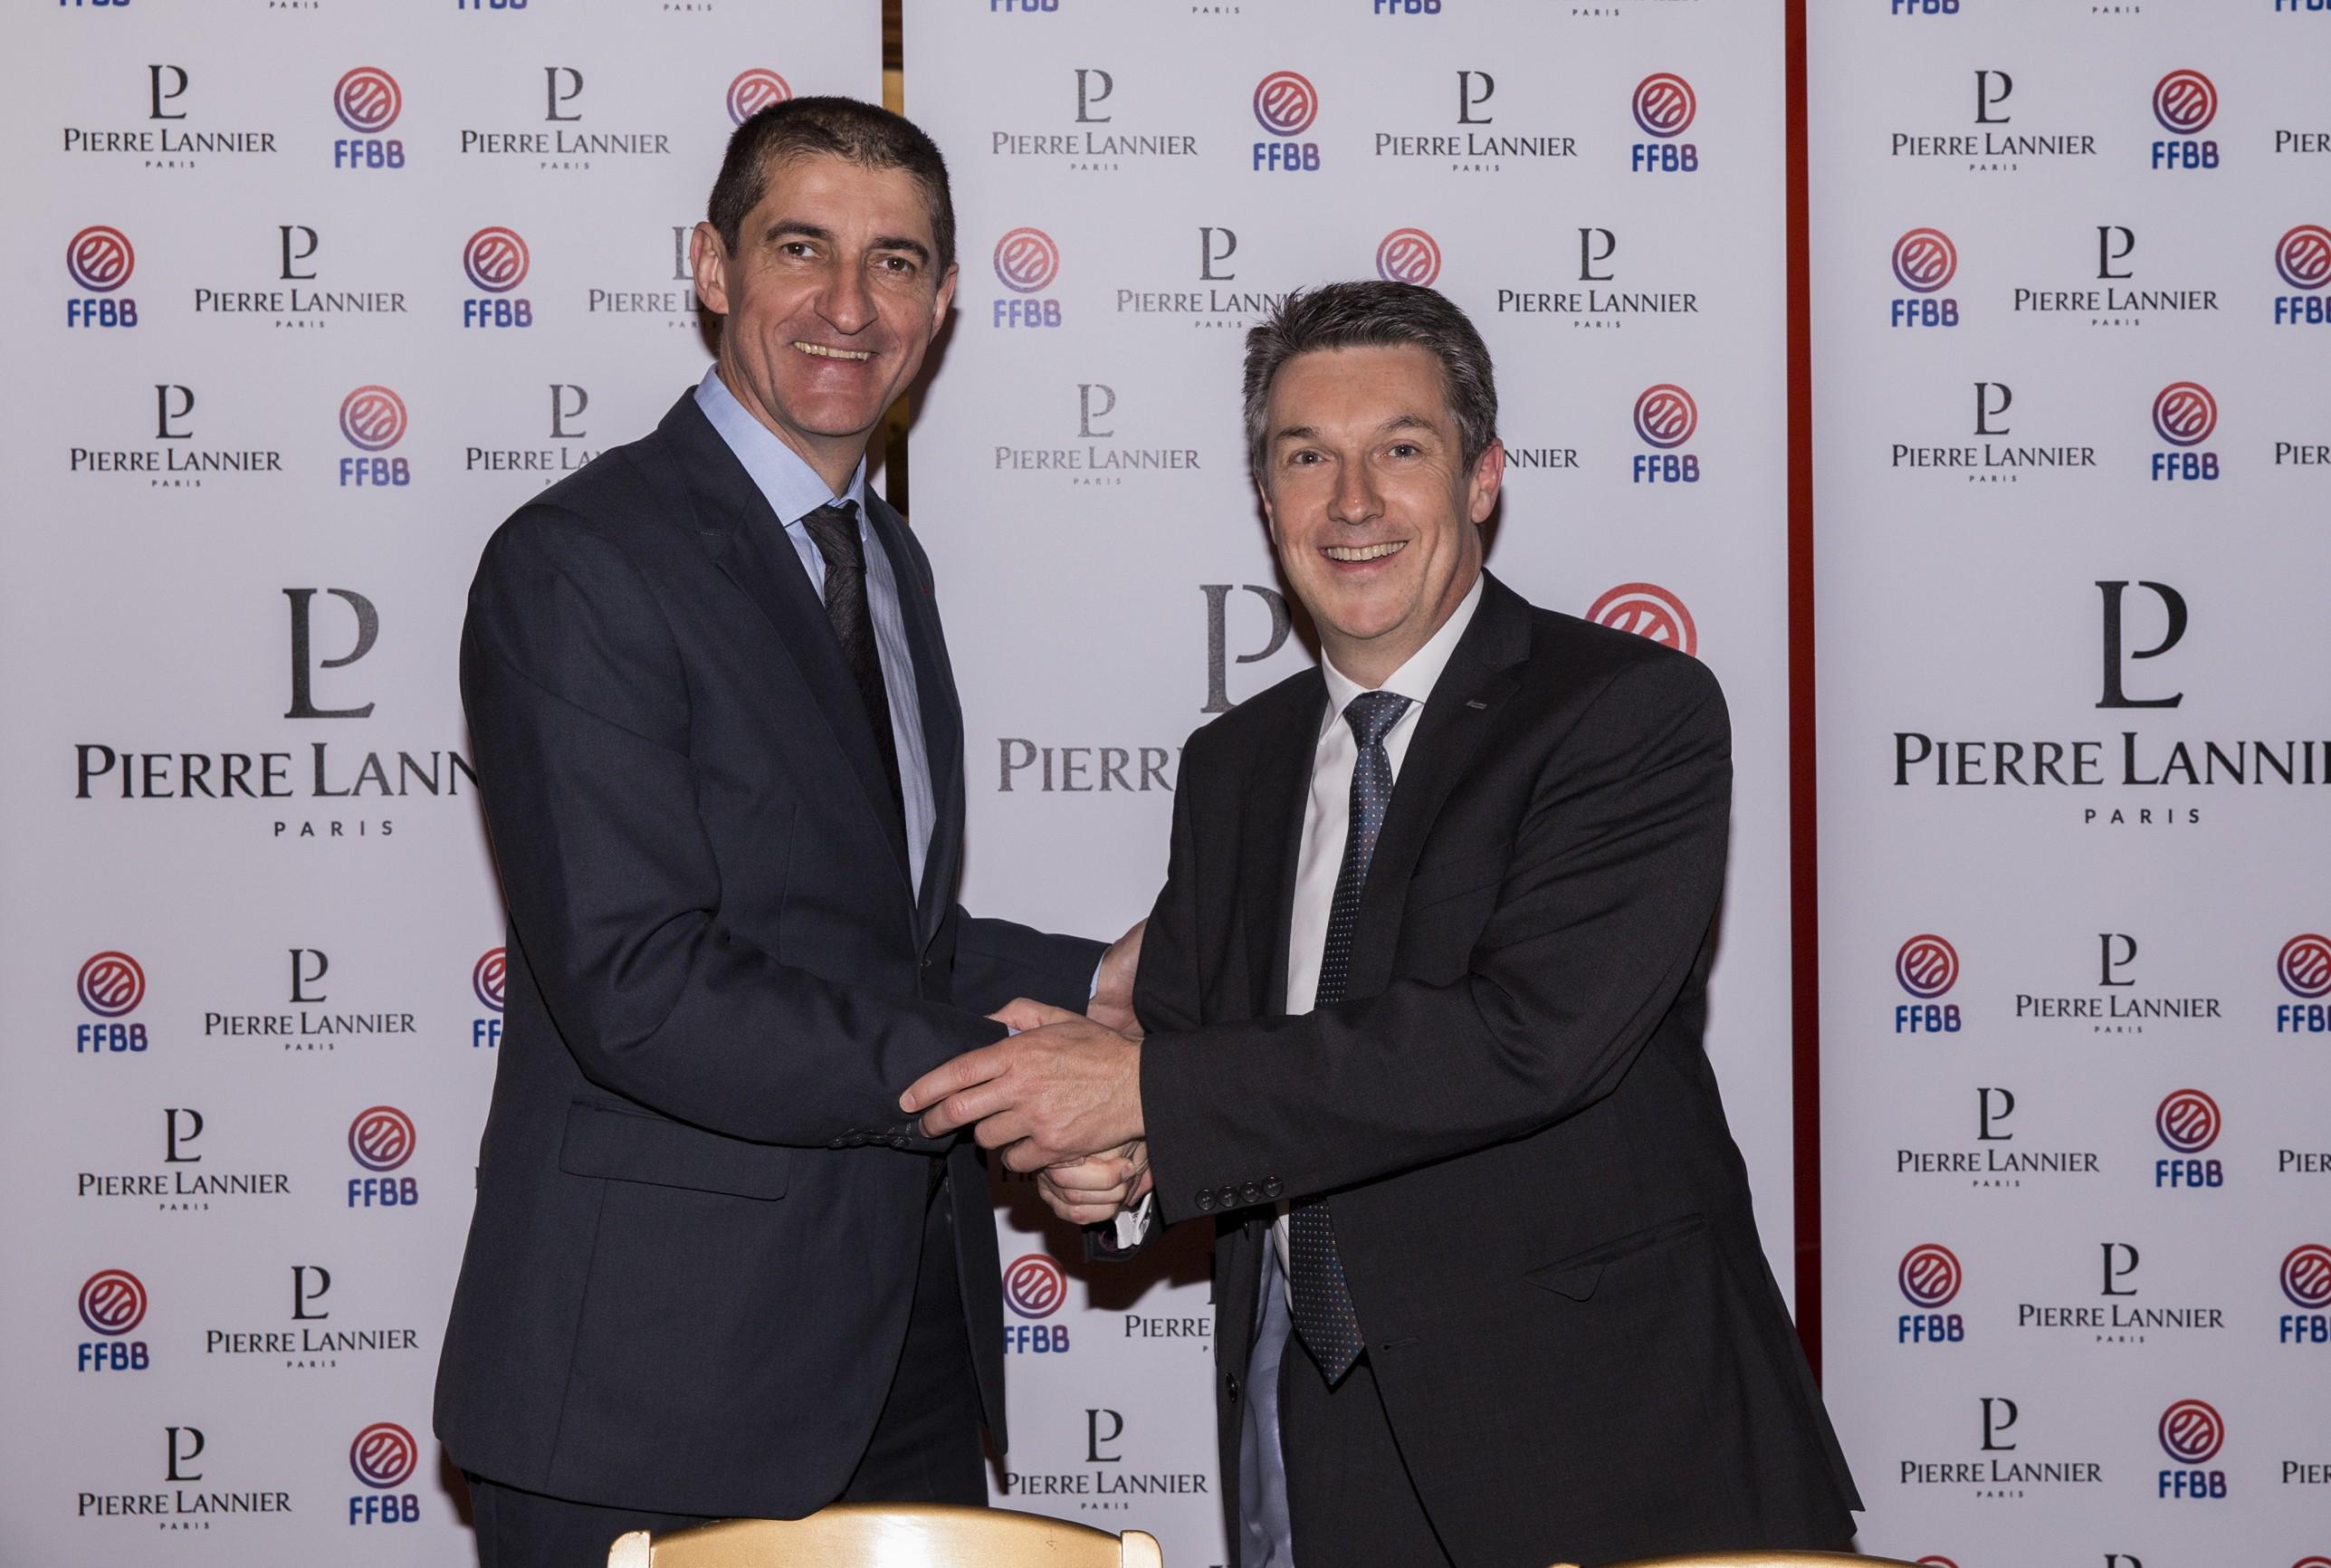 Partenariat entre la FFBB et Pierre Lannier